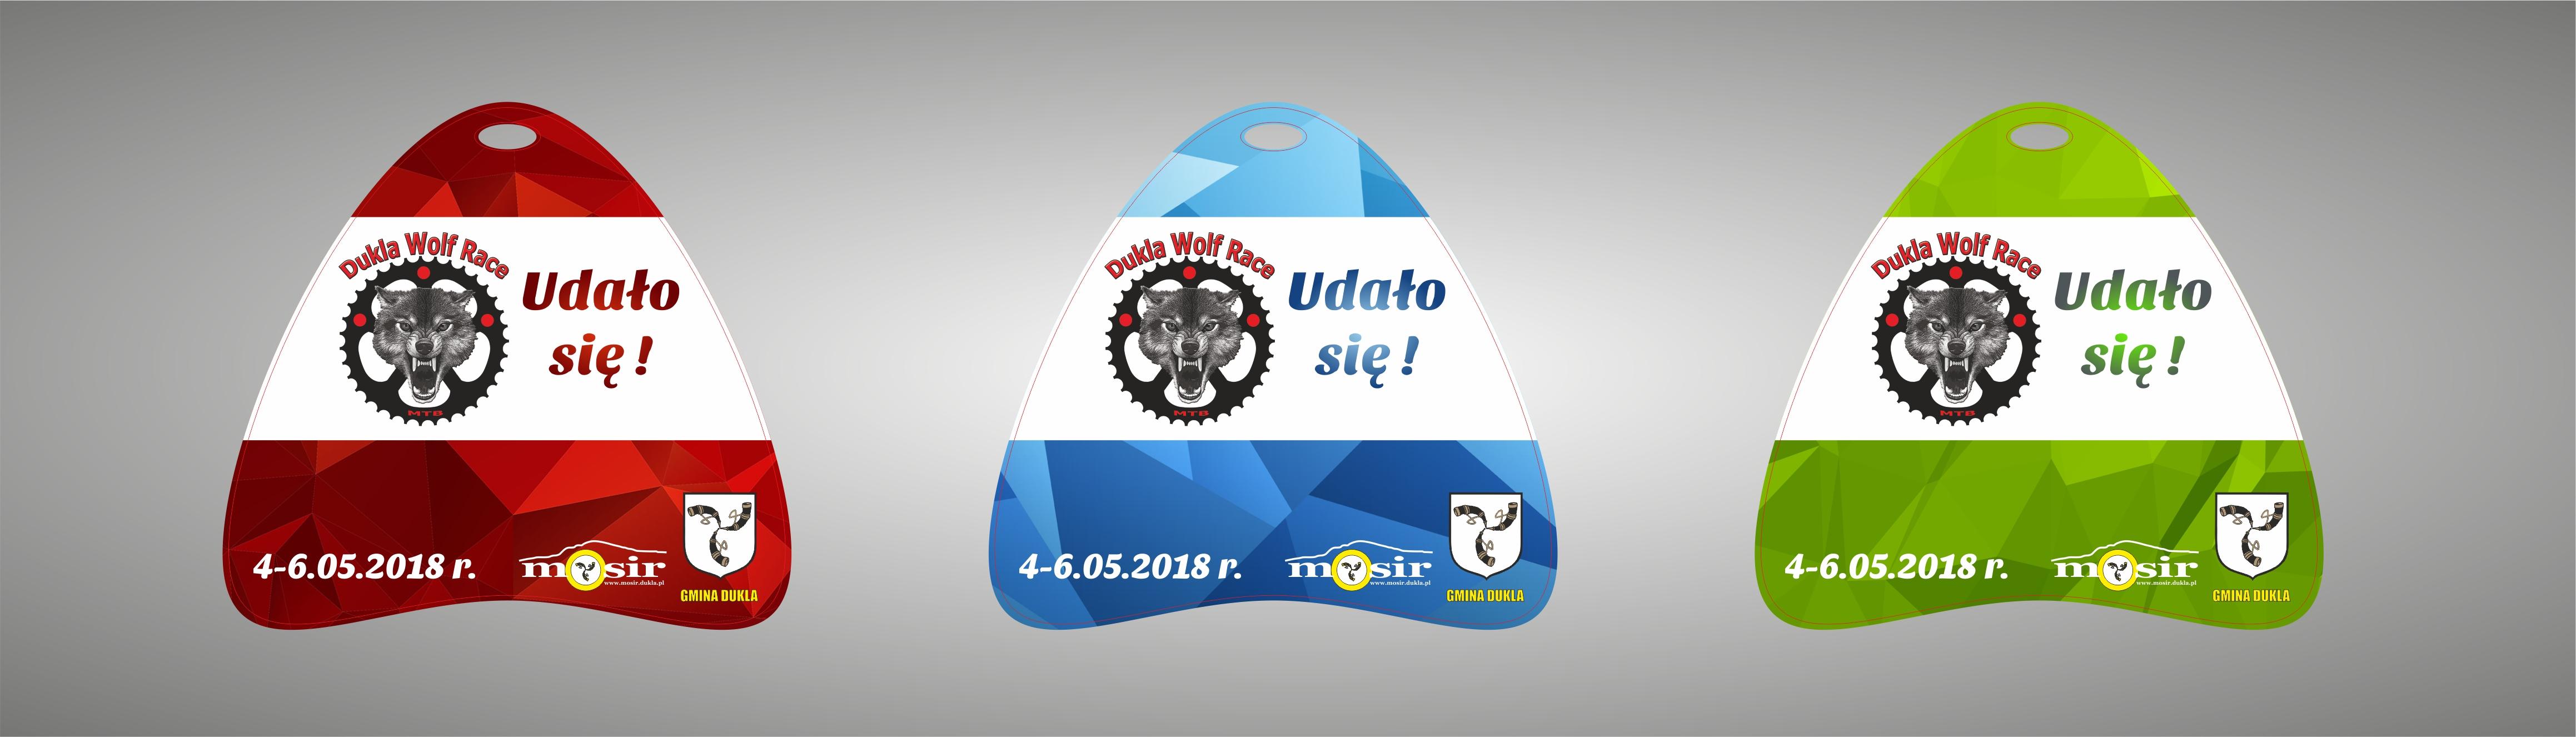 Medale Dukla Wolf Race